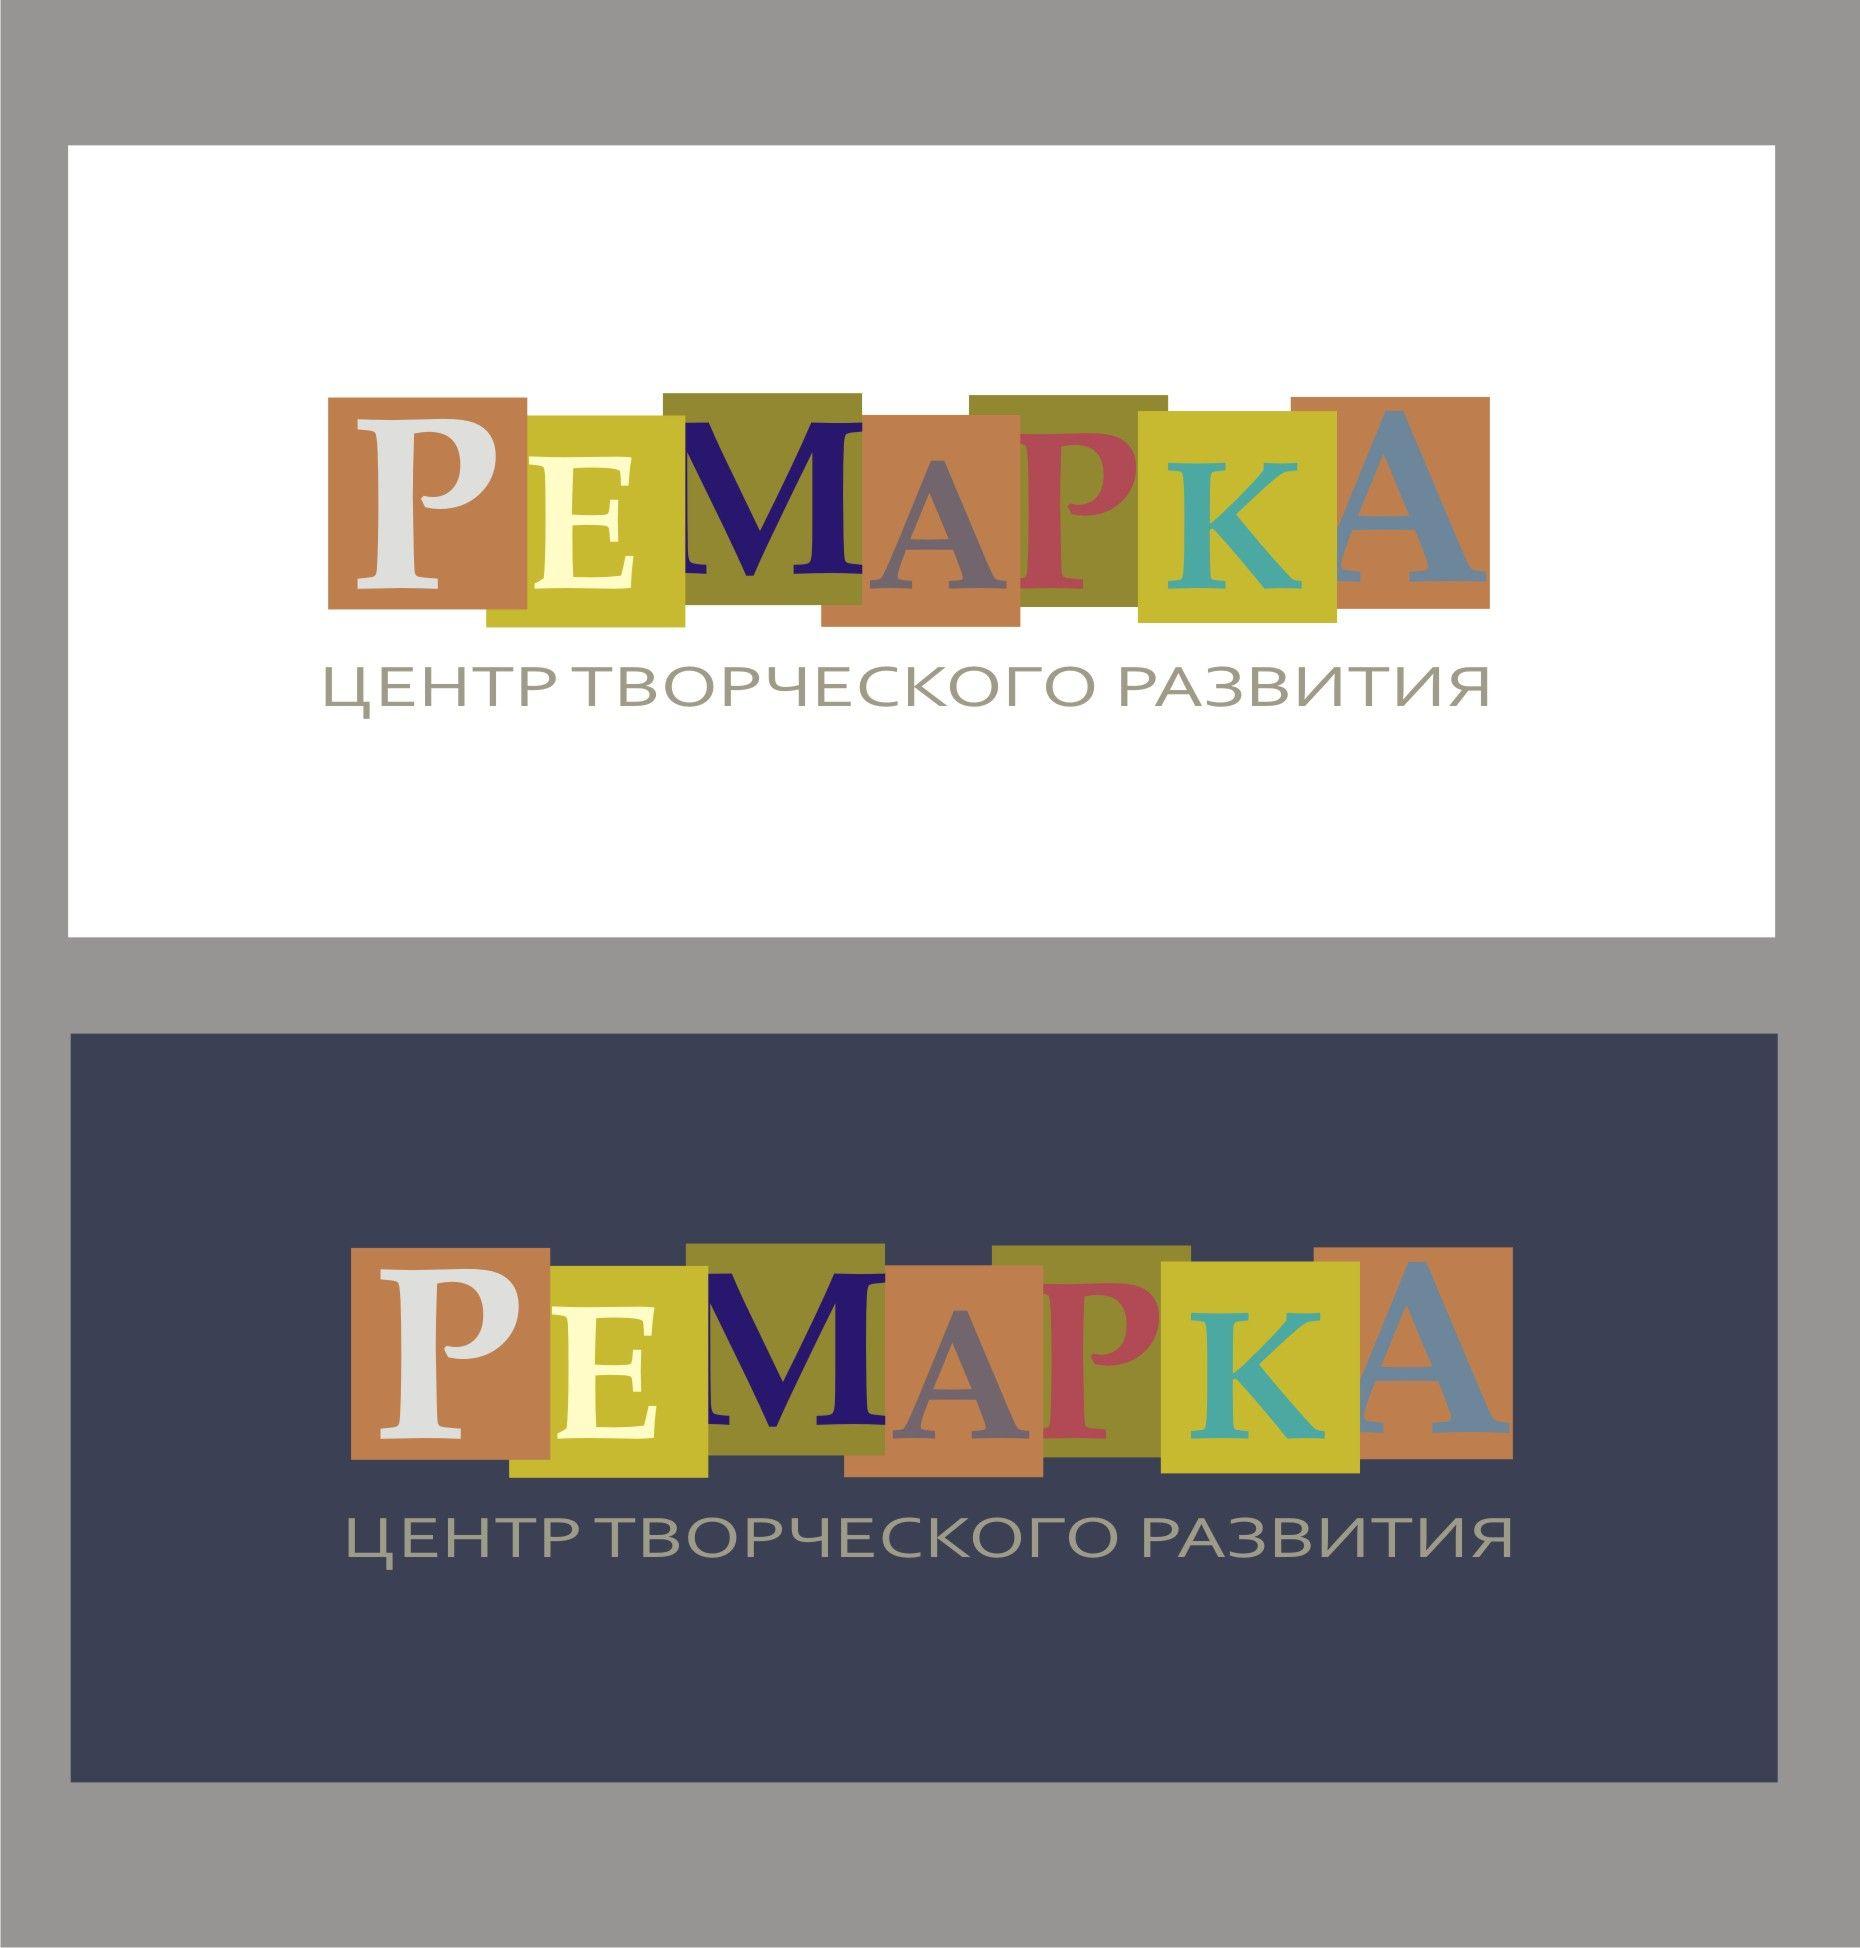 Фирменный стиль для центра развития Ремарка - дизайнер dbyjuhfl